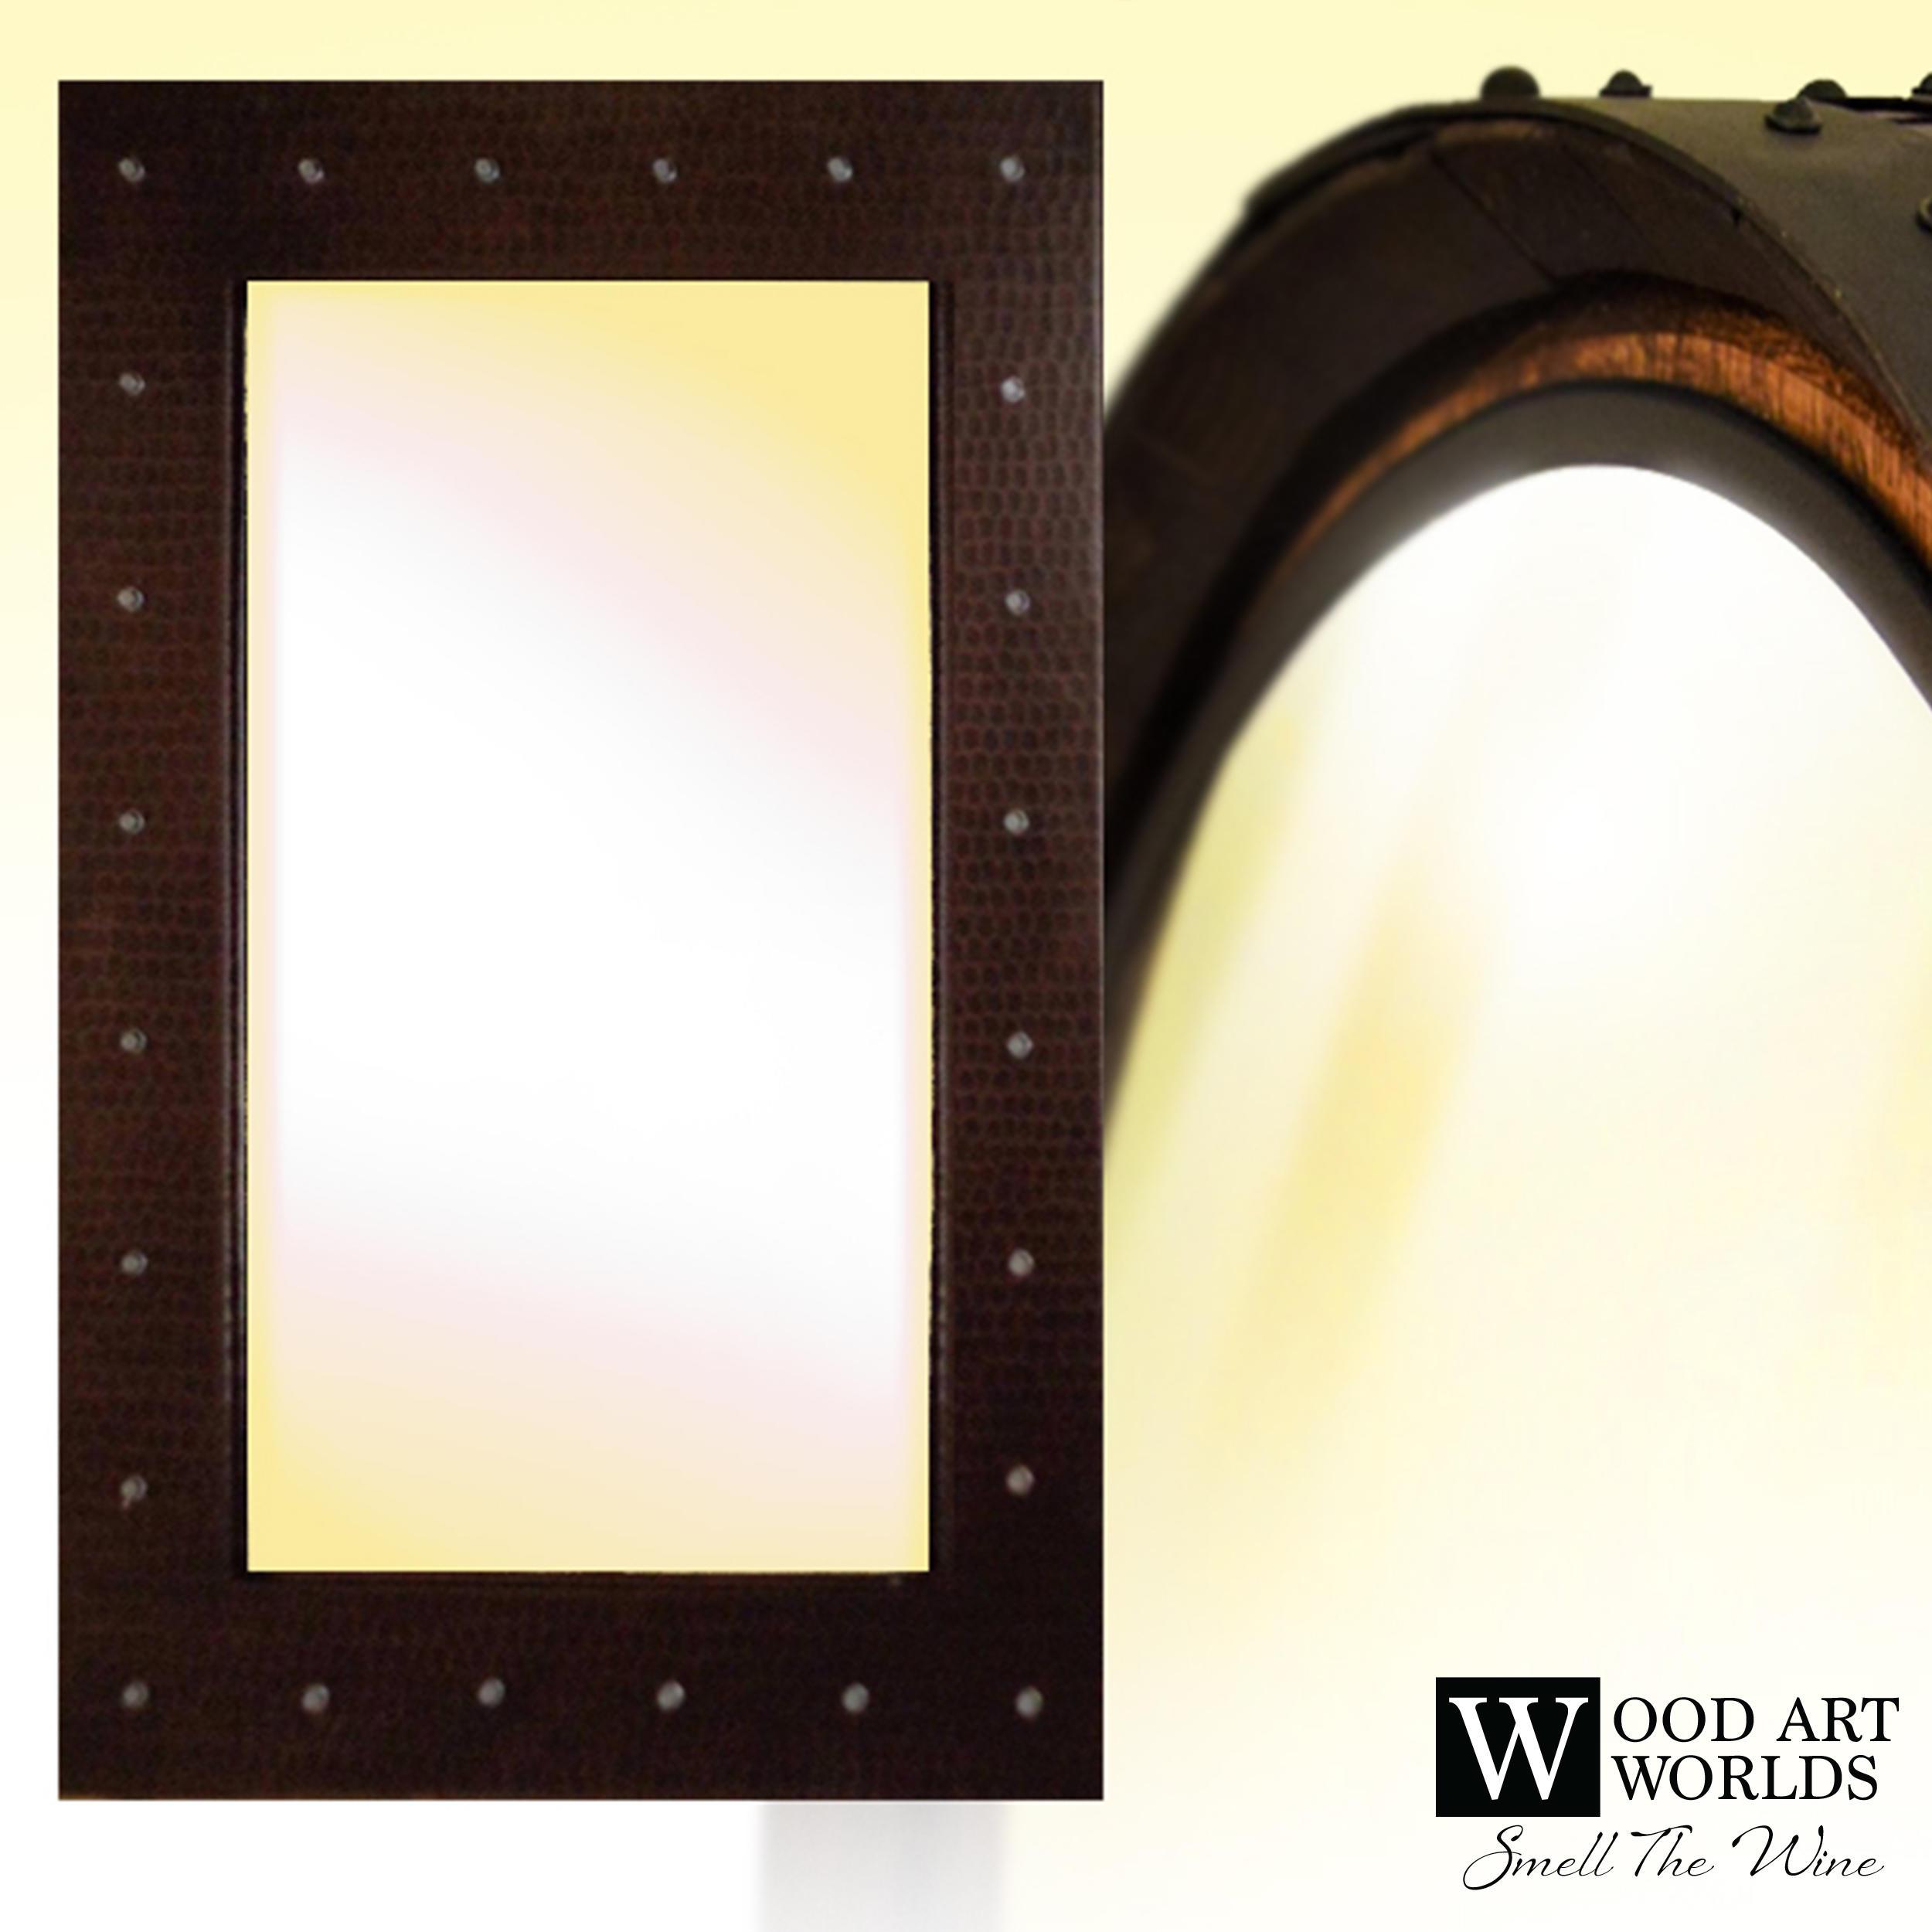 Wood Art Worlds image 1